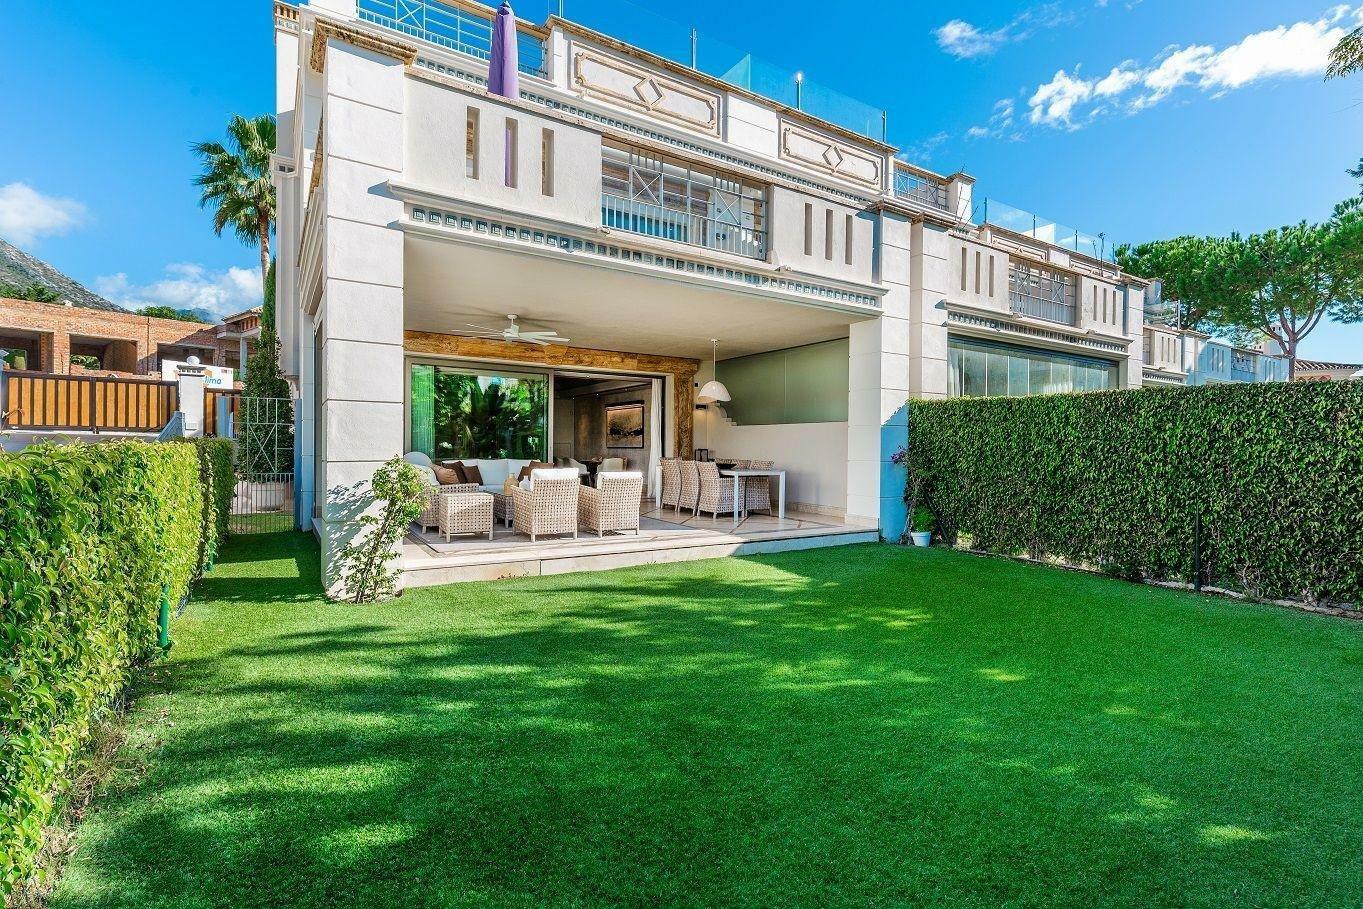 Villa in Marbella, Andalusia, Spain 1 - 11298171